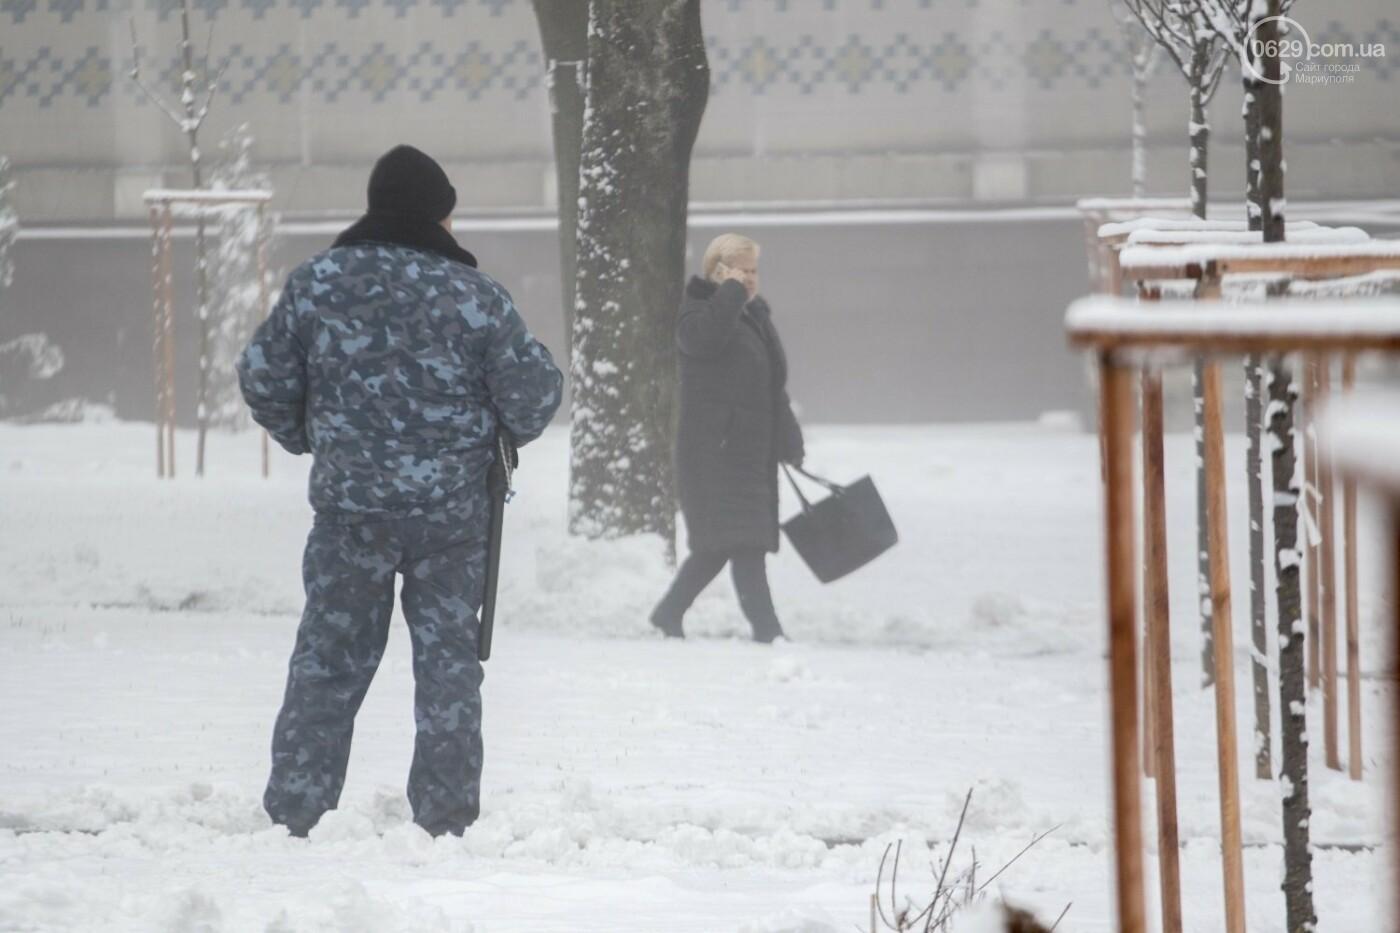 38 фотографий, одна ворона и одна синица... ФОТОРЕПОРТАЖ для тех, кто проспал первый настоящий снег, фото-5